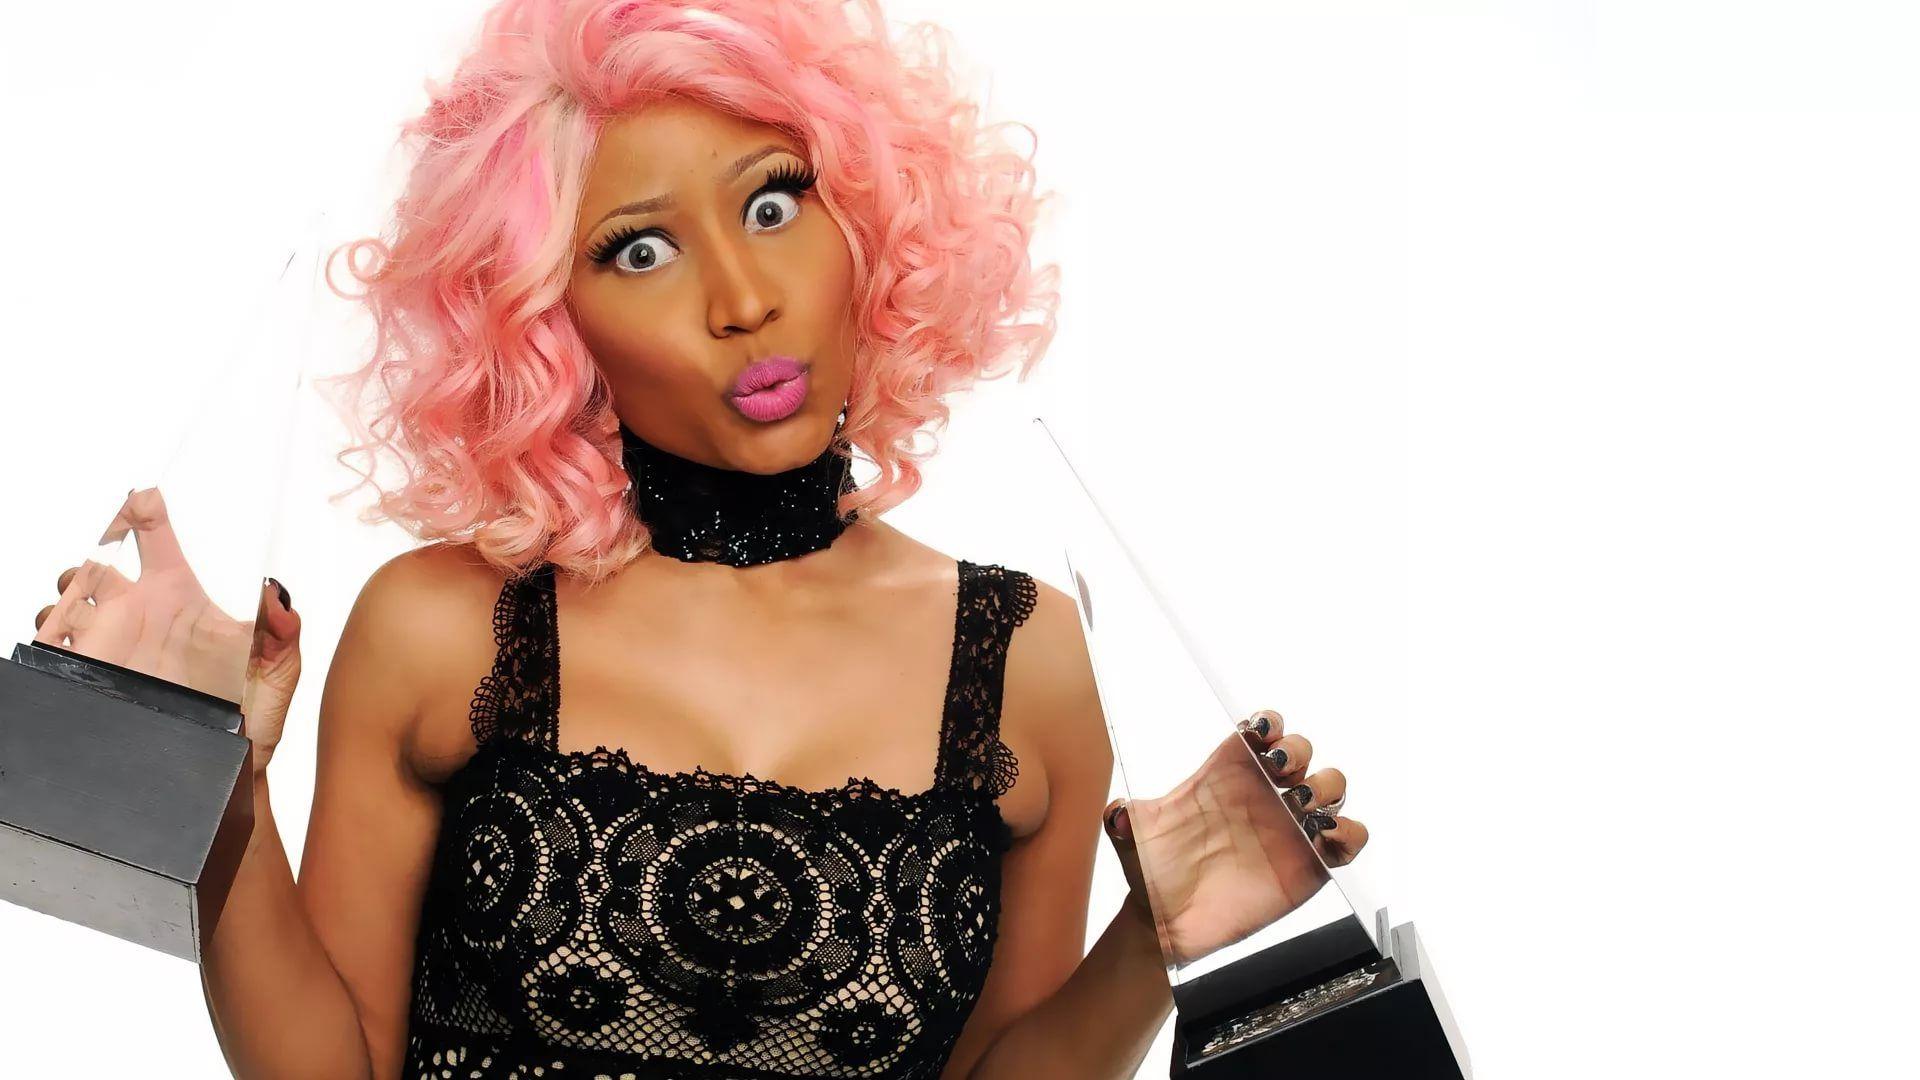 Nicki Minaj wallpaper image